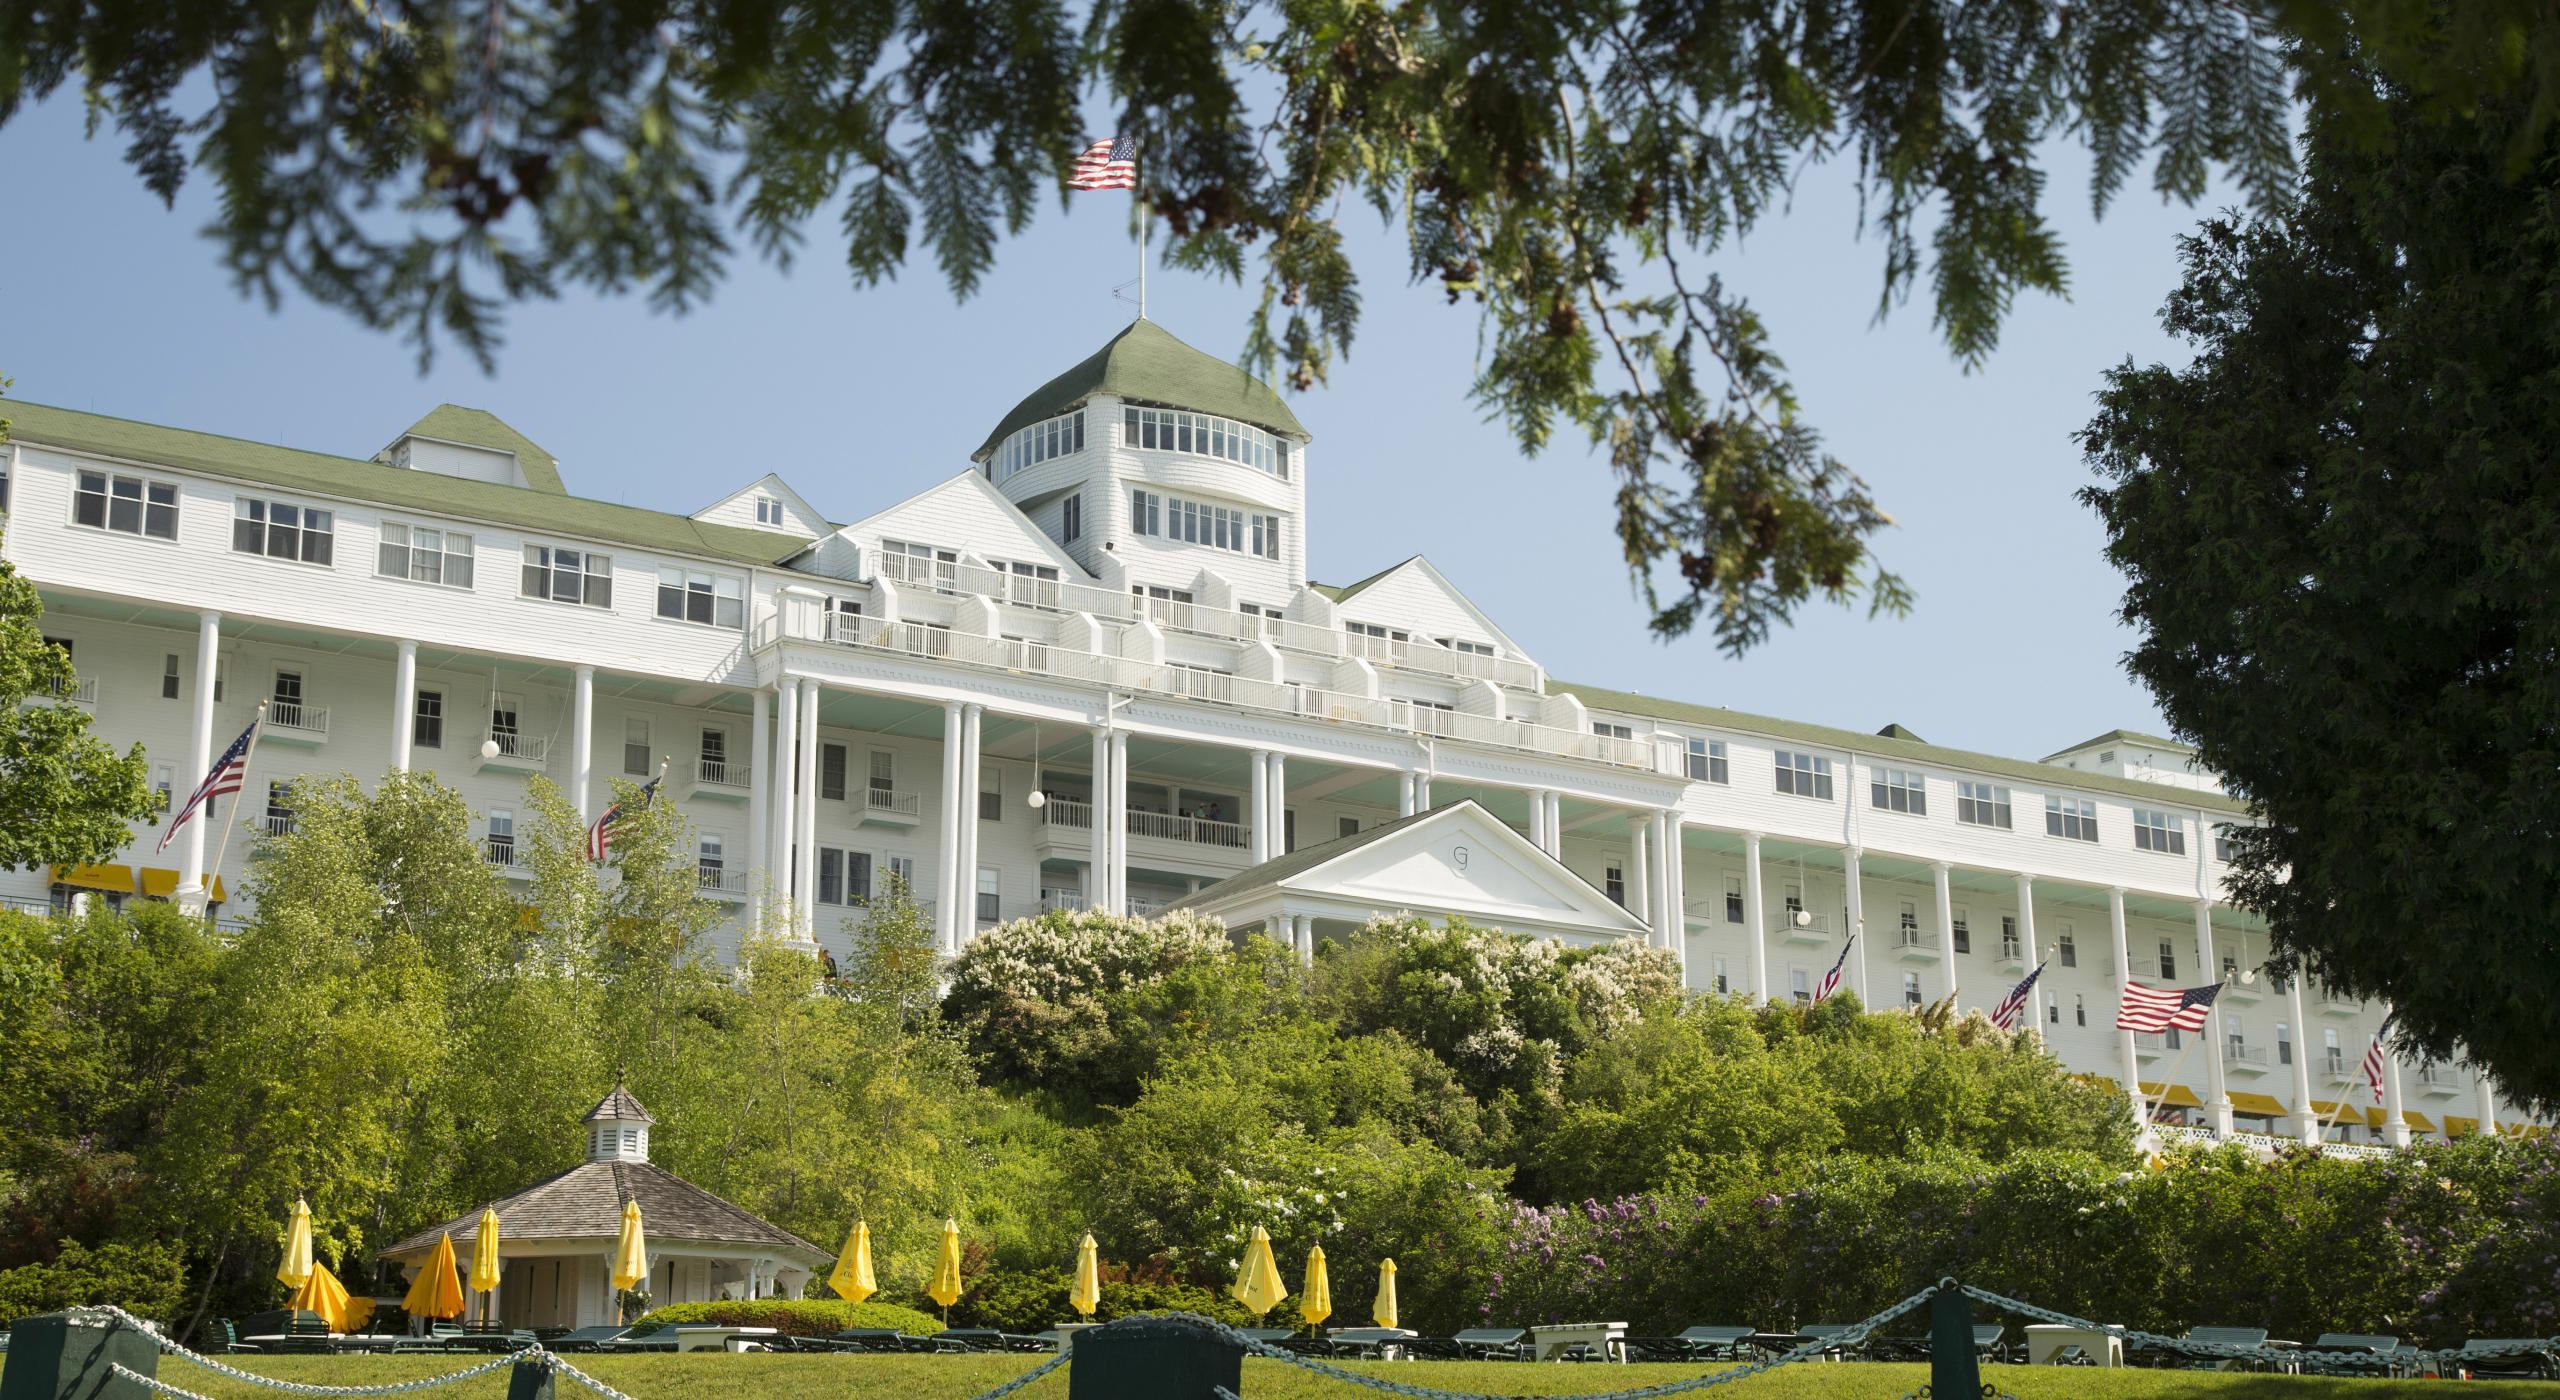 Grand Hotel Ein Traditioneller Sommerurlaub Auf Mackinac Island Visit The Usa